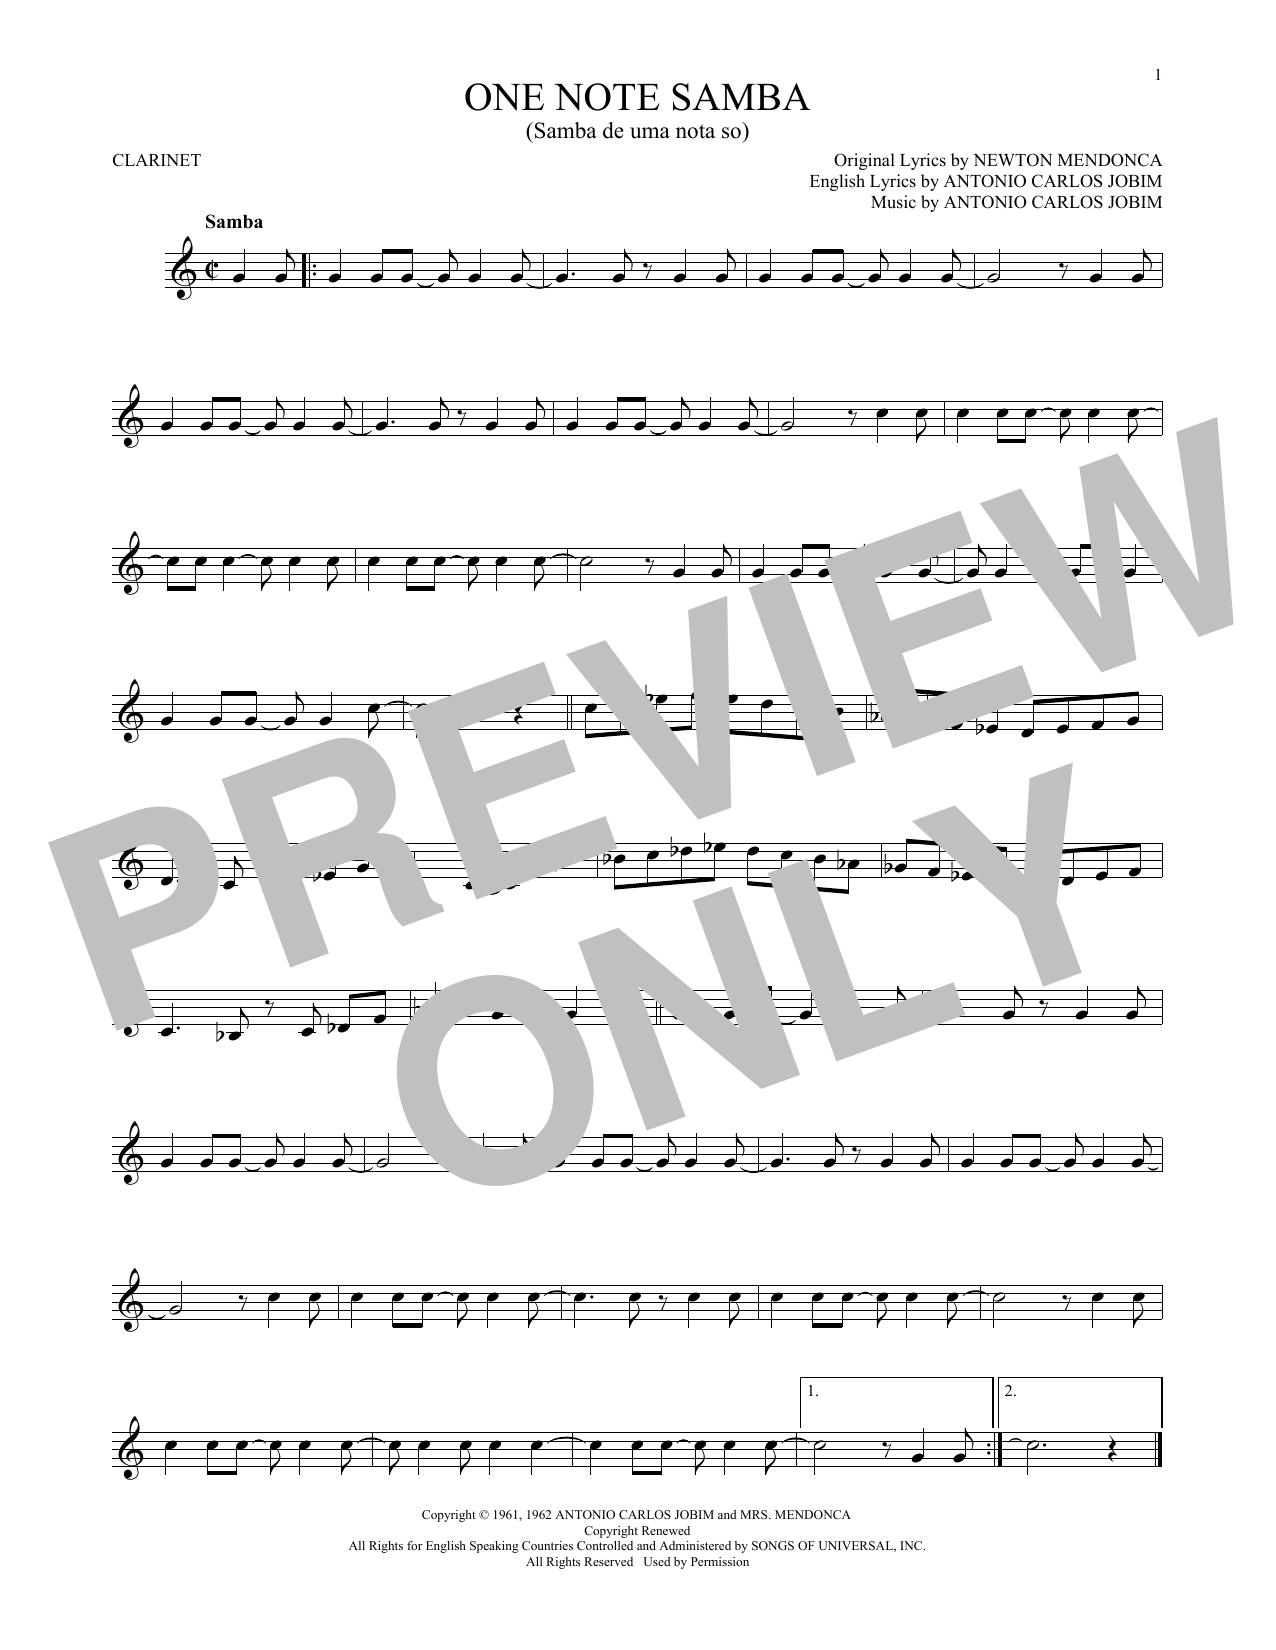 One Note Samba (Samba De Uma Nota So) (Clarinet Solo)